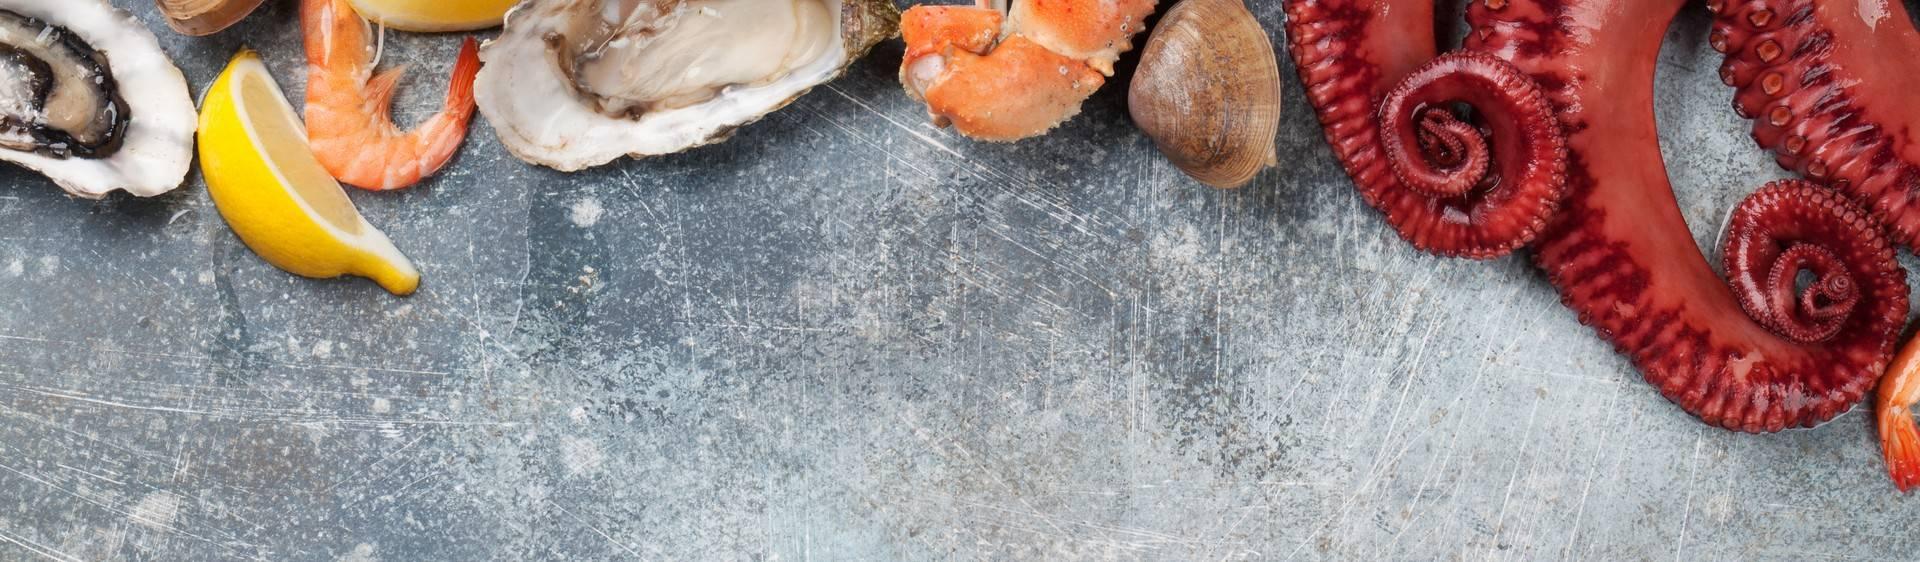 Foto de uma mesa com camarão, polvo, conchas e alguns outros frutos do mar